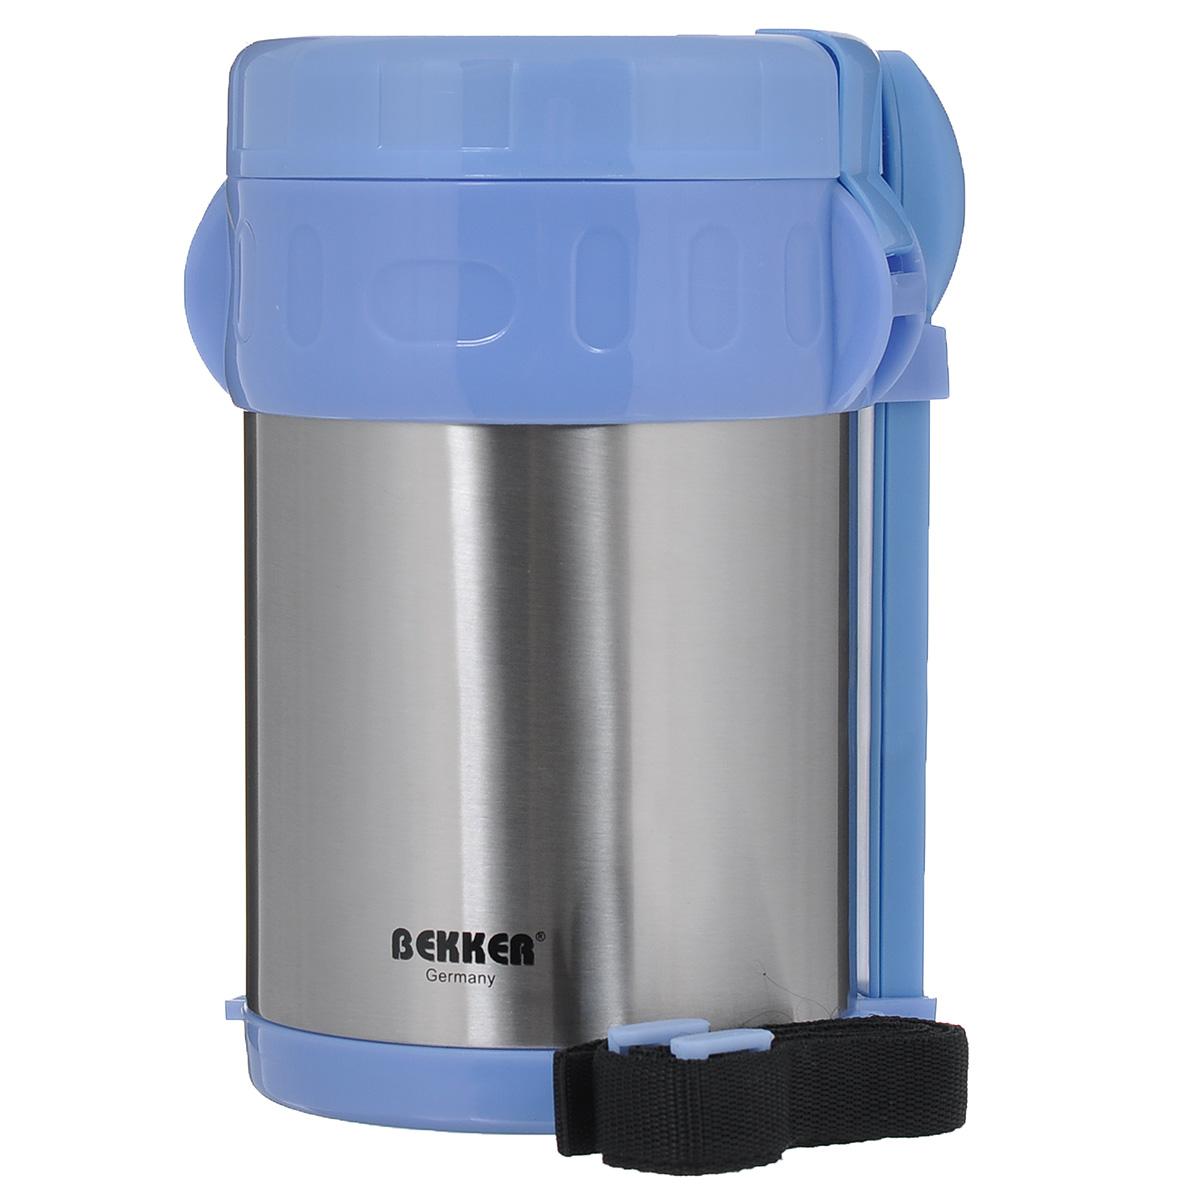 Термос Bekker Koch, с контейнерами, цвет: голубой, стальной, 2 л. BK-42BK-42Пищевой термос с широким горлом Bekker, изготовленный из высококачественной нержавеющей стали 18/8, прост в использовании и многофункционален. Изделие имеет двойные стенки, что позволяет пище долго оставаться горячей. Термос снабжен 3 пластиковыми контейнерами разного объема, а также металлической ложкой и вилкой в оригинальном чехле, который вставляется в специальную выемку сбоку термоса. Для удобной переноски предусмотрен специальный ремешок. Термос предназначен для хранения горячей и холодной пищи, замороженных продуктов, мороженного, фруктов и льда. Крышка плотно закрывается на две защелки. Высота (с учетом крышки): 22 см. Диаметр горлышка: 13 см. Диаметр контейнеров: 11,5 см. Высота контейнеров: 9 см; 5 см; 3,5 см. Объем контейнеров: 700 мл; 400 мл; 250 мл. Длина вилки/ложки: 15 см.